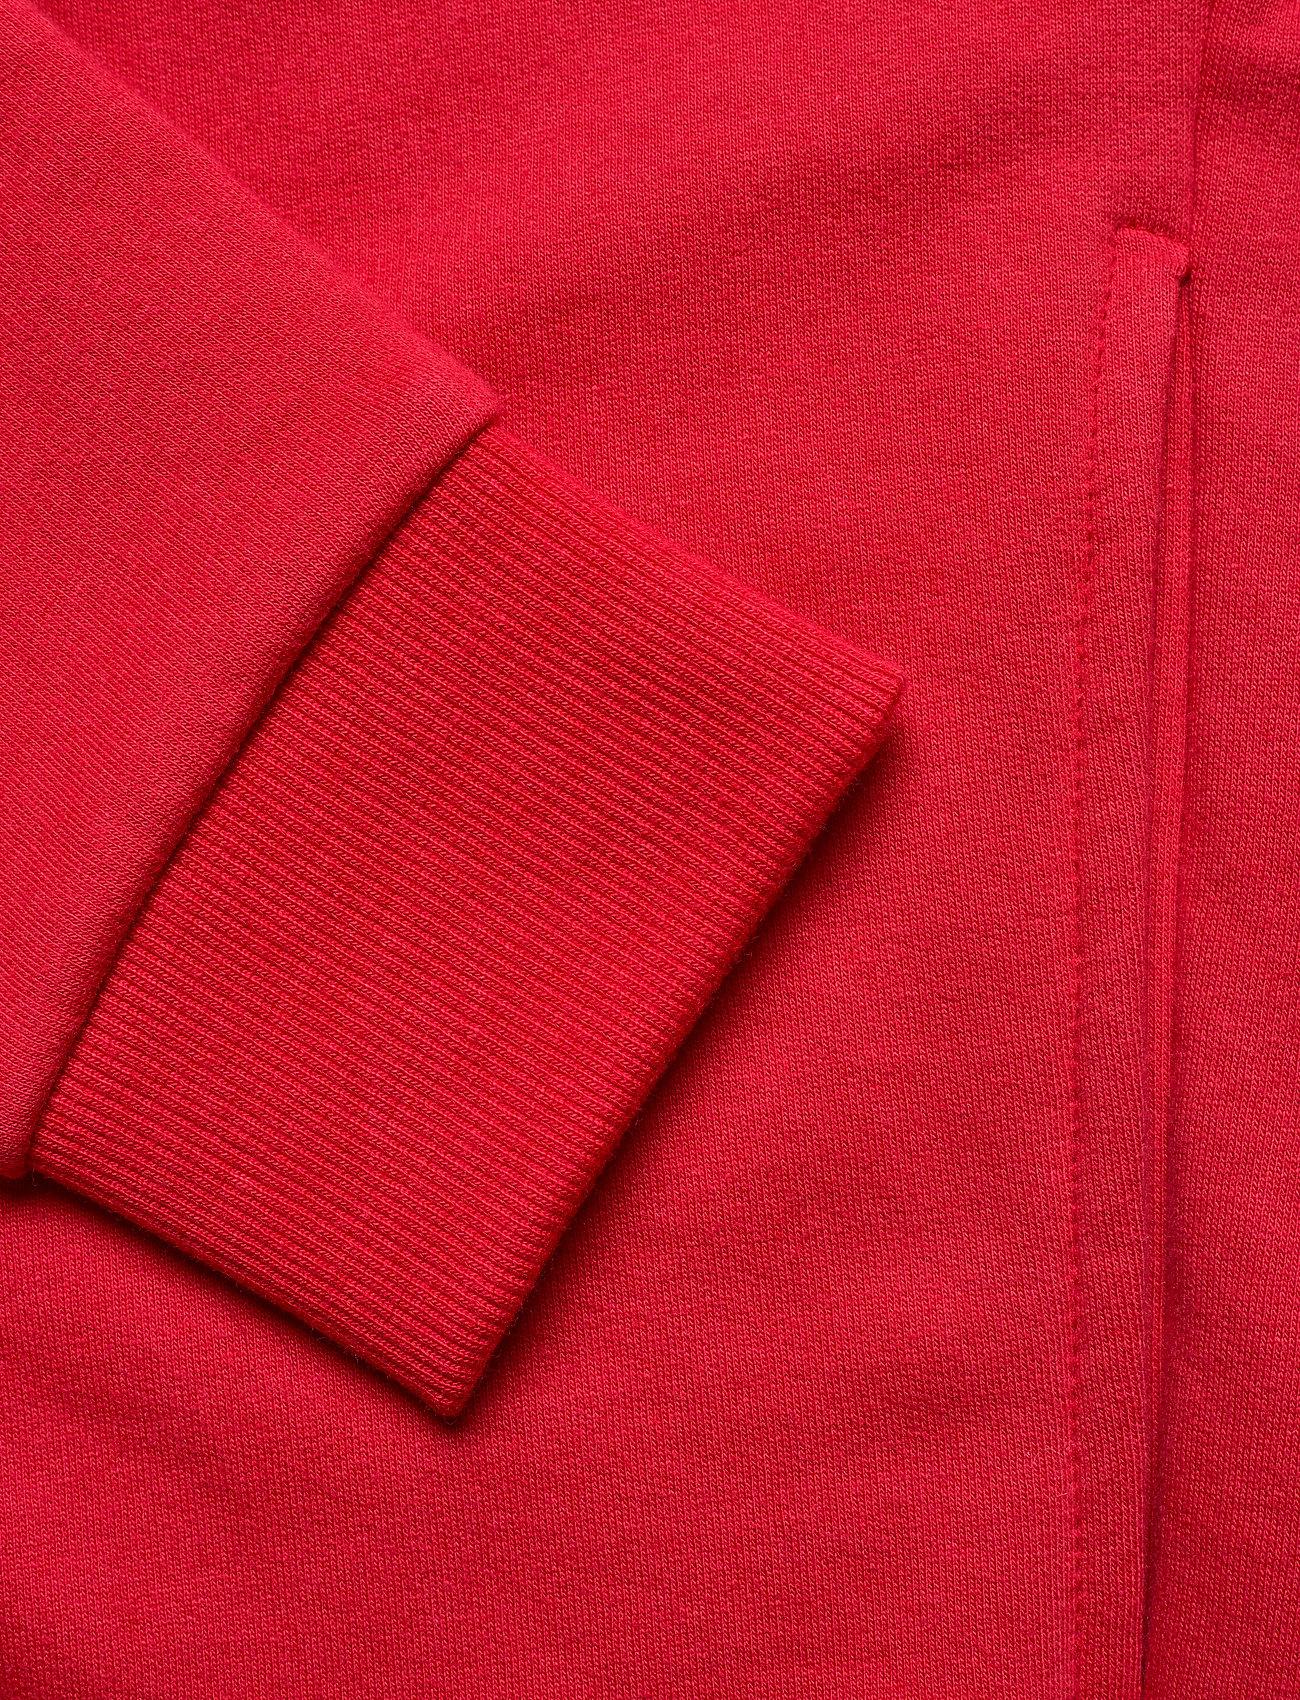 Svea Malaga Zip Hood - Swetry RED - Kobiety Odzież.